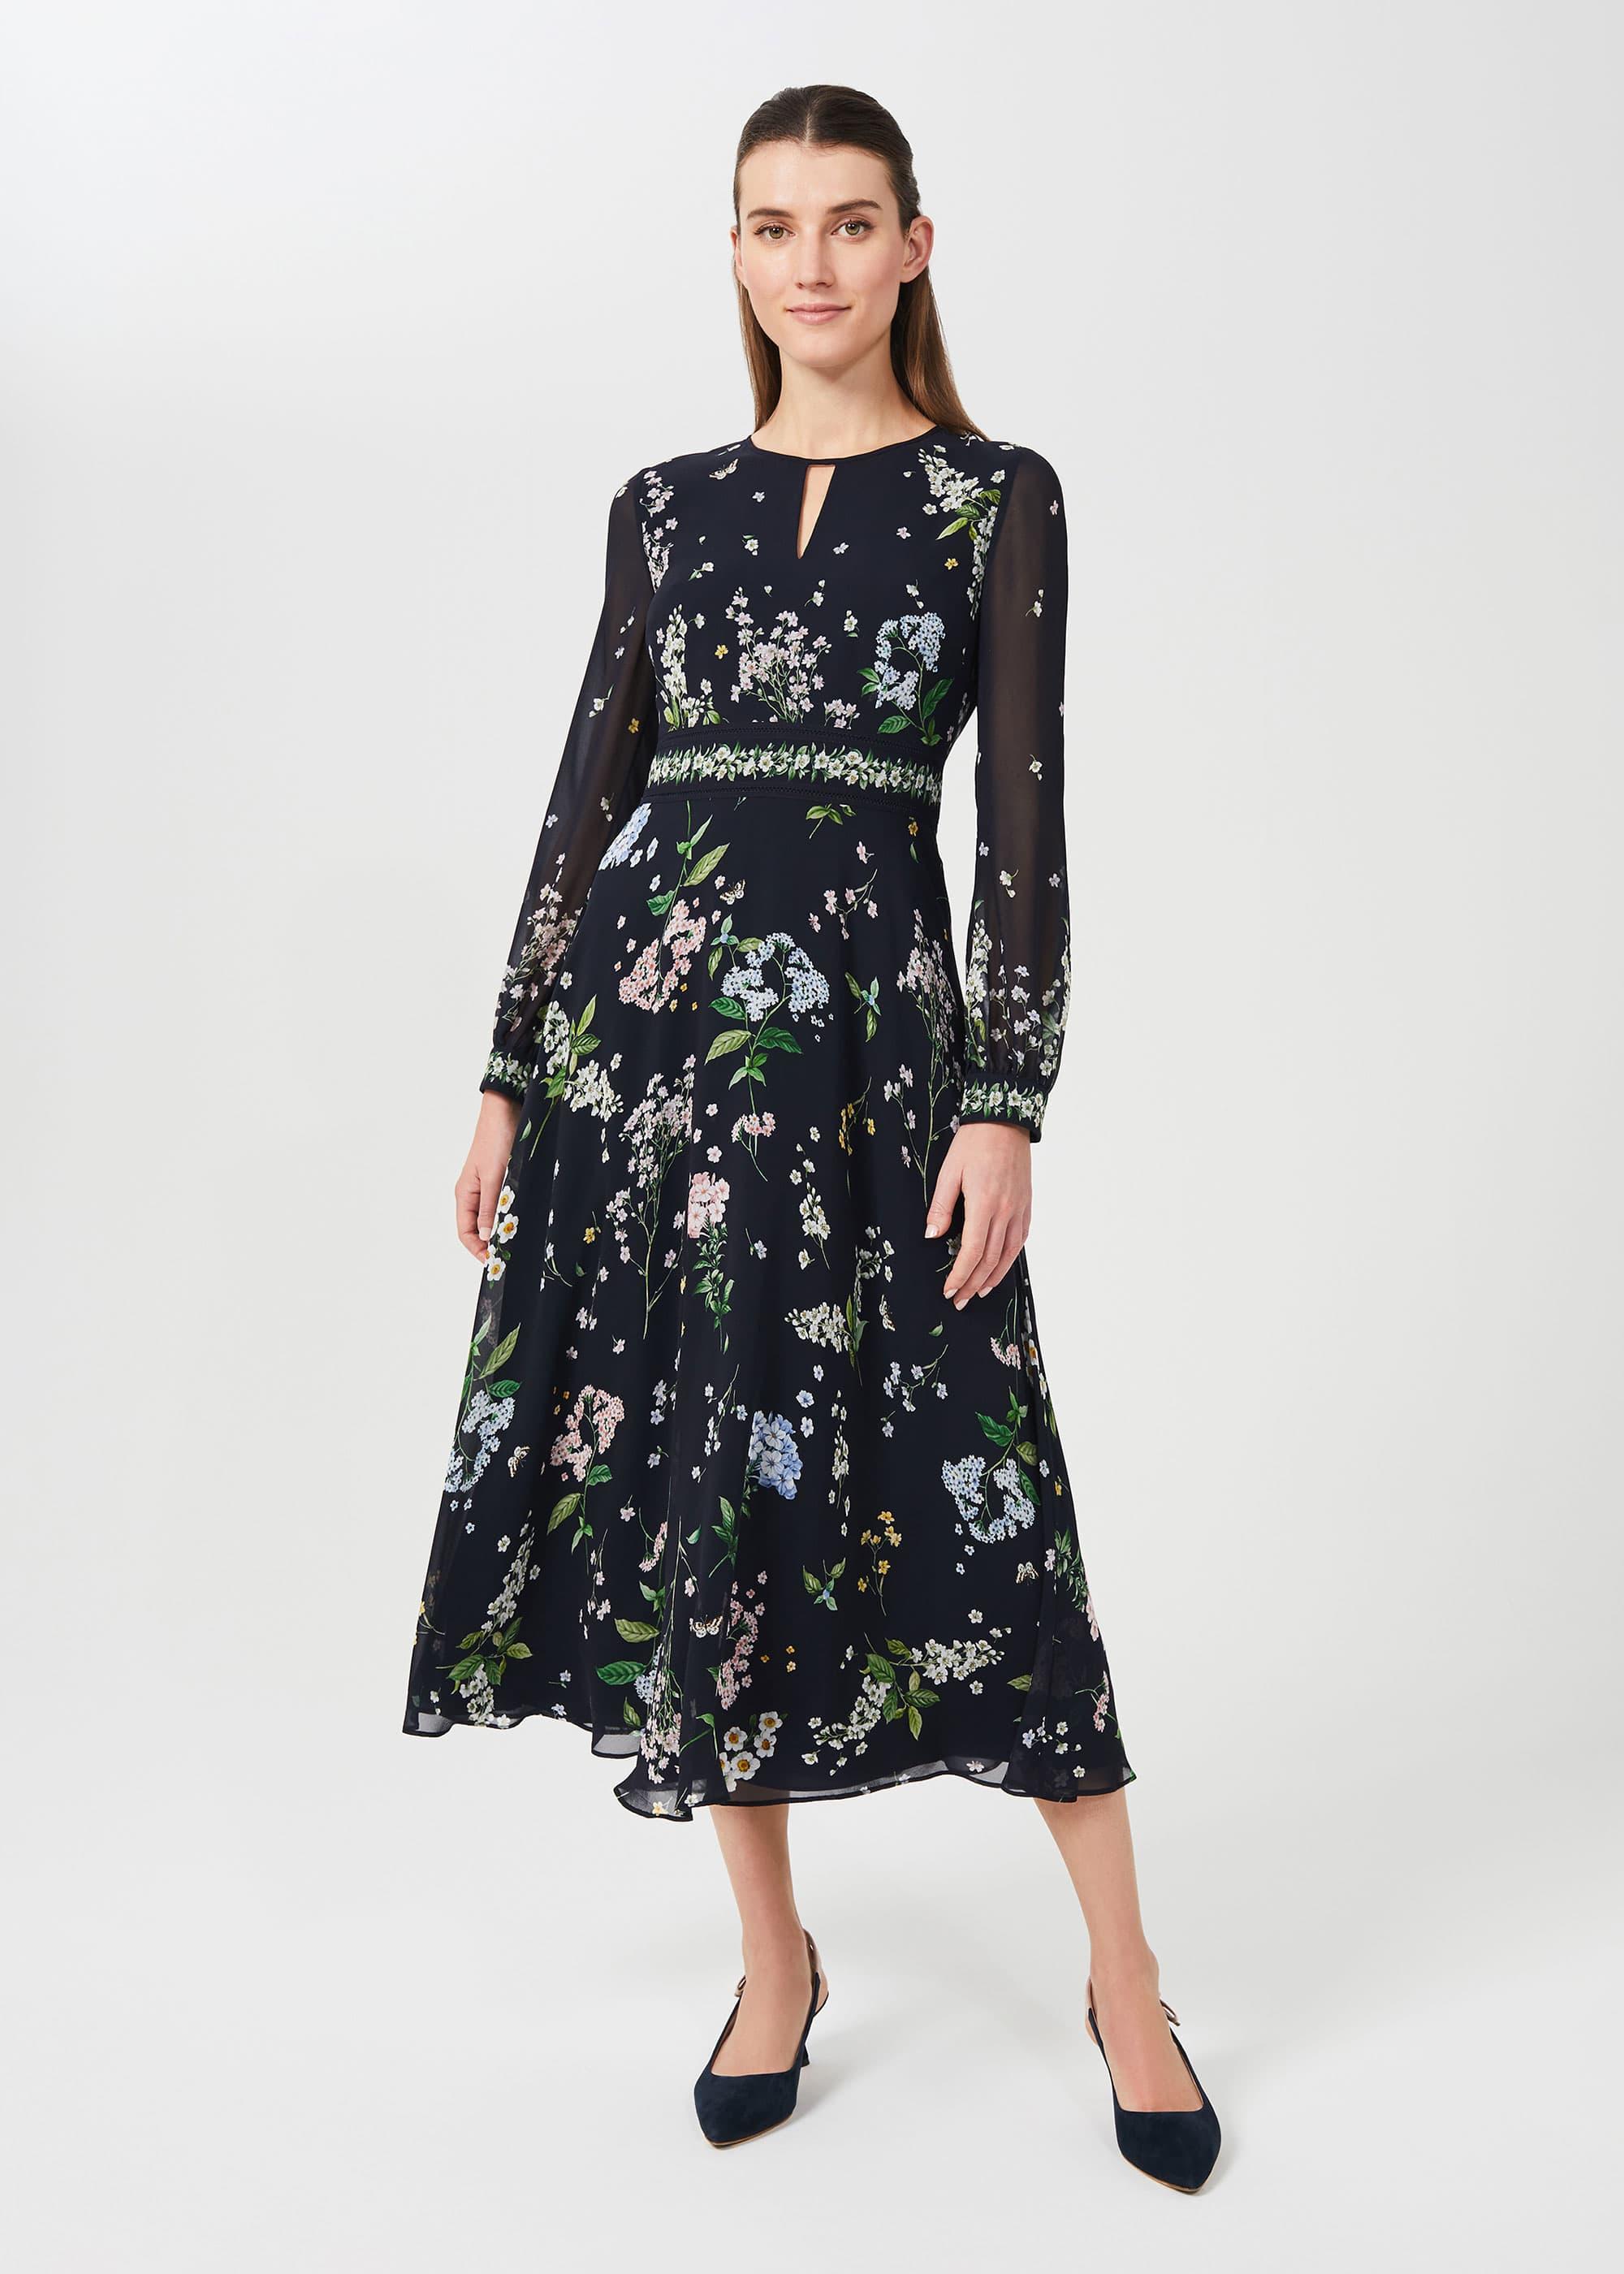 Hobbs Women Skye Silk Floral Printed Dress